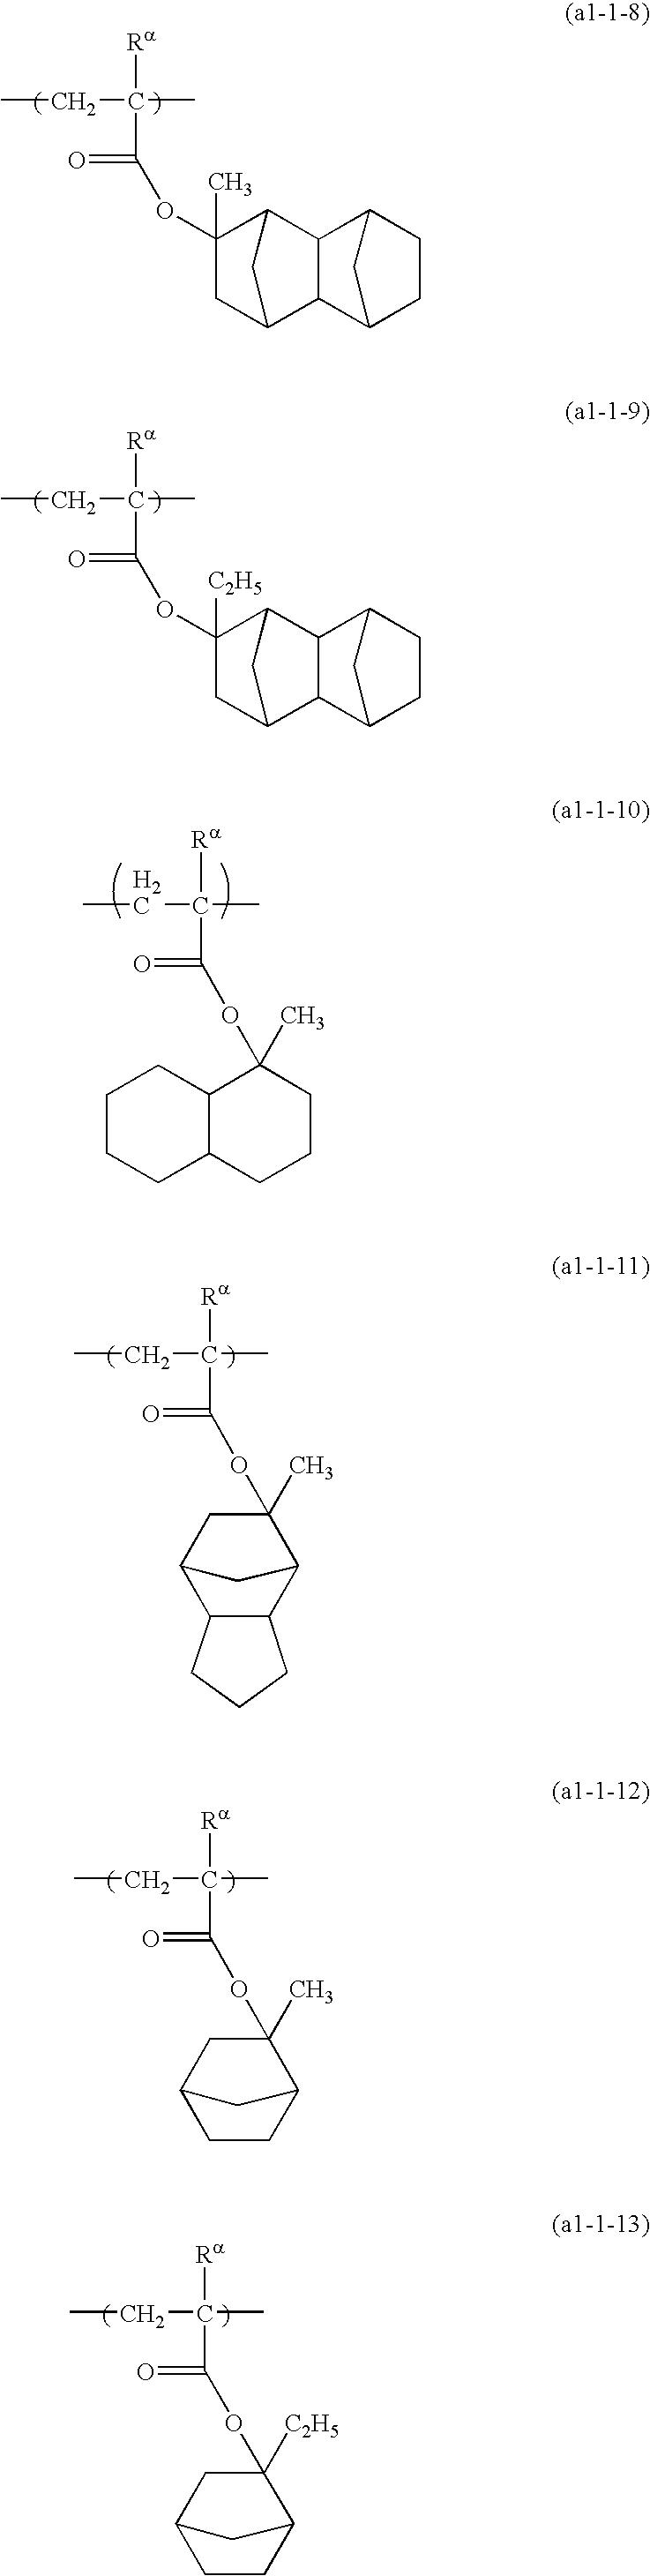 Figure US20100136480A1-20100603-C00022